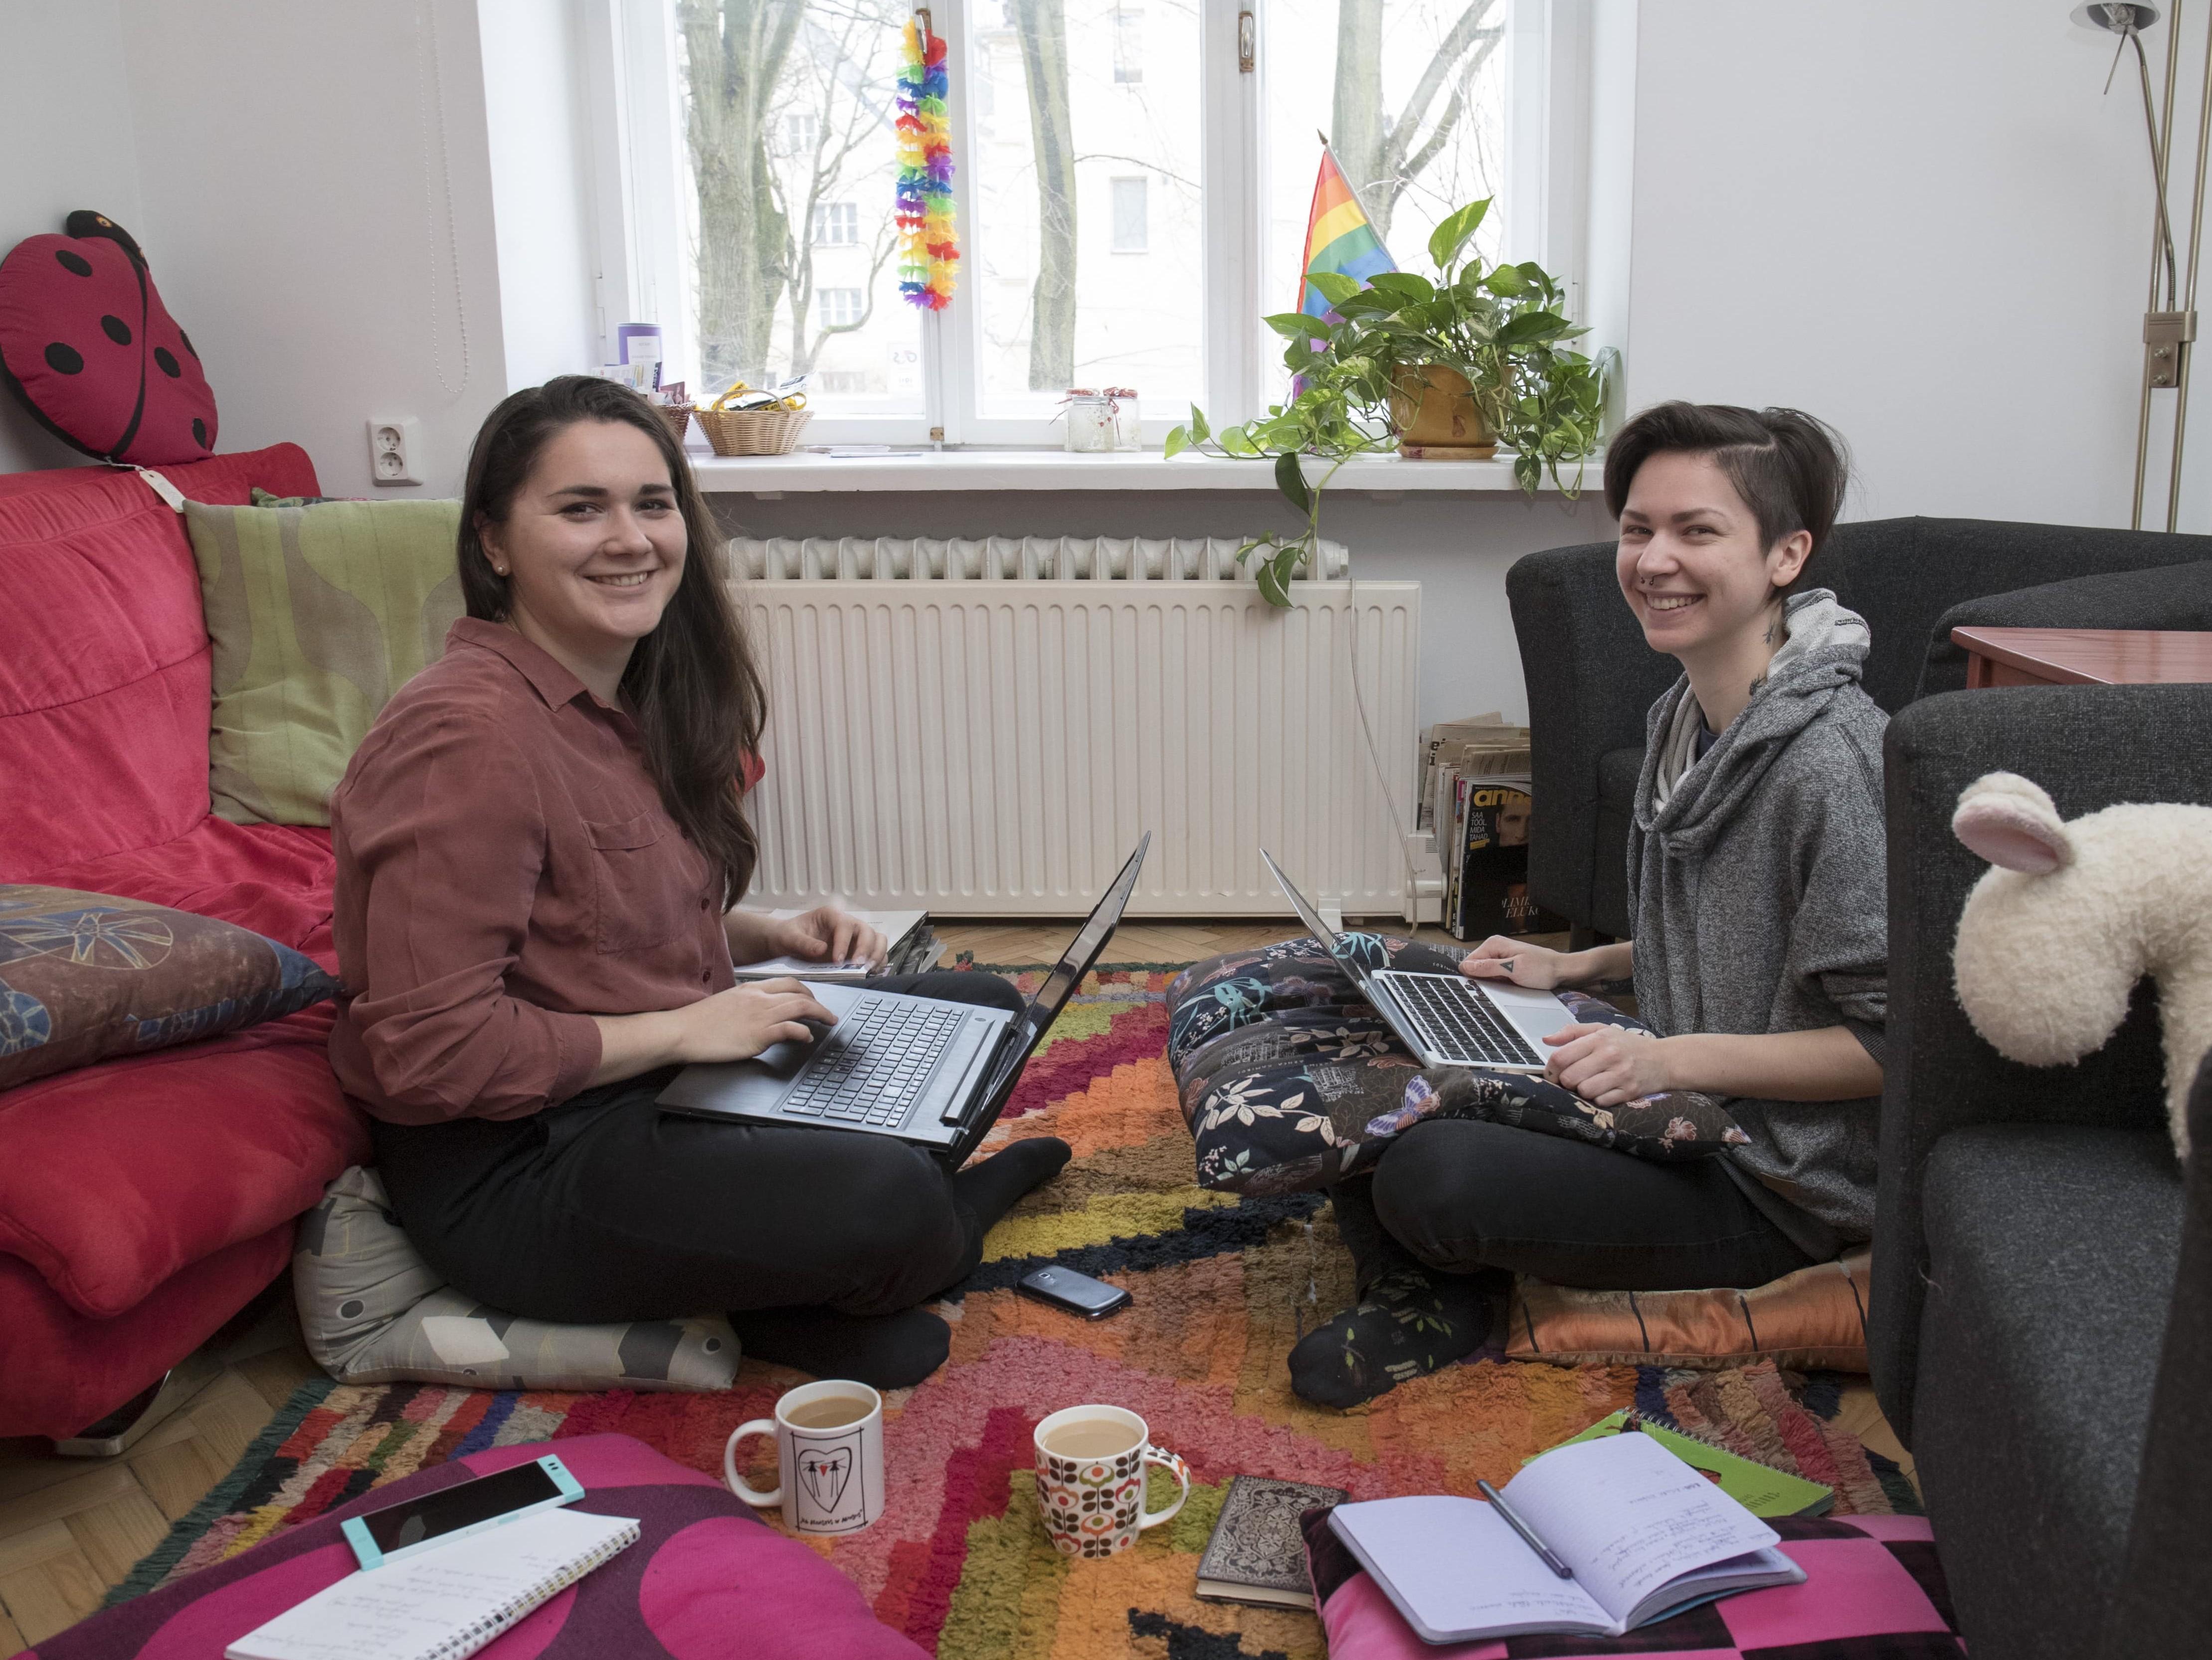 Elli Kalju ja Kristiina Raud selleaastast LadyFesti korraldamas. Foto: Karin Kaljuläte, Ekspress Meedia